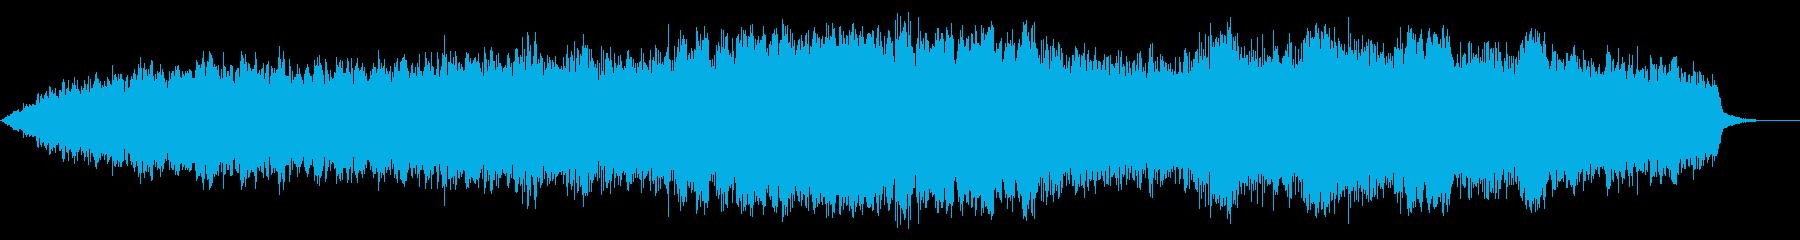 上昇アクション:低音、SCI FI...の再生済みの波形